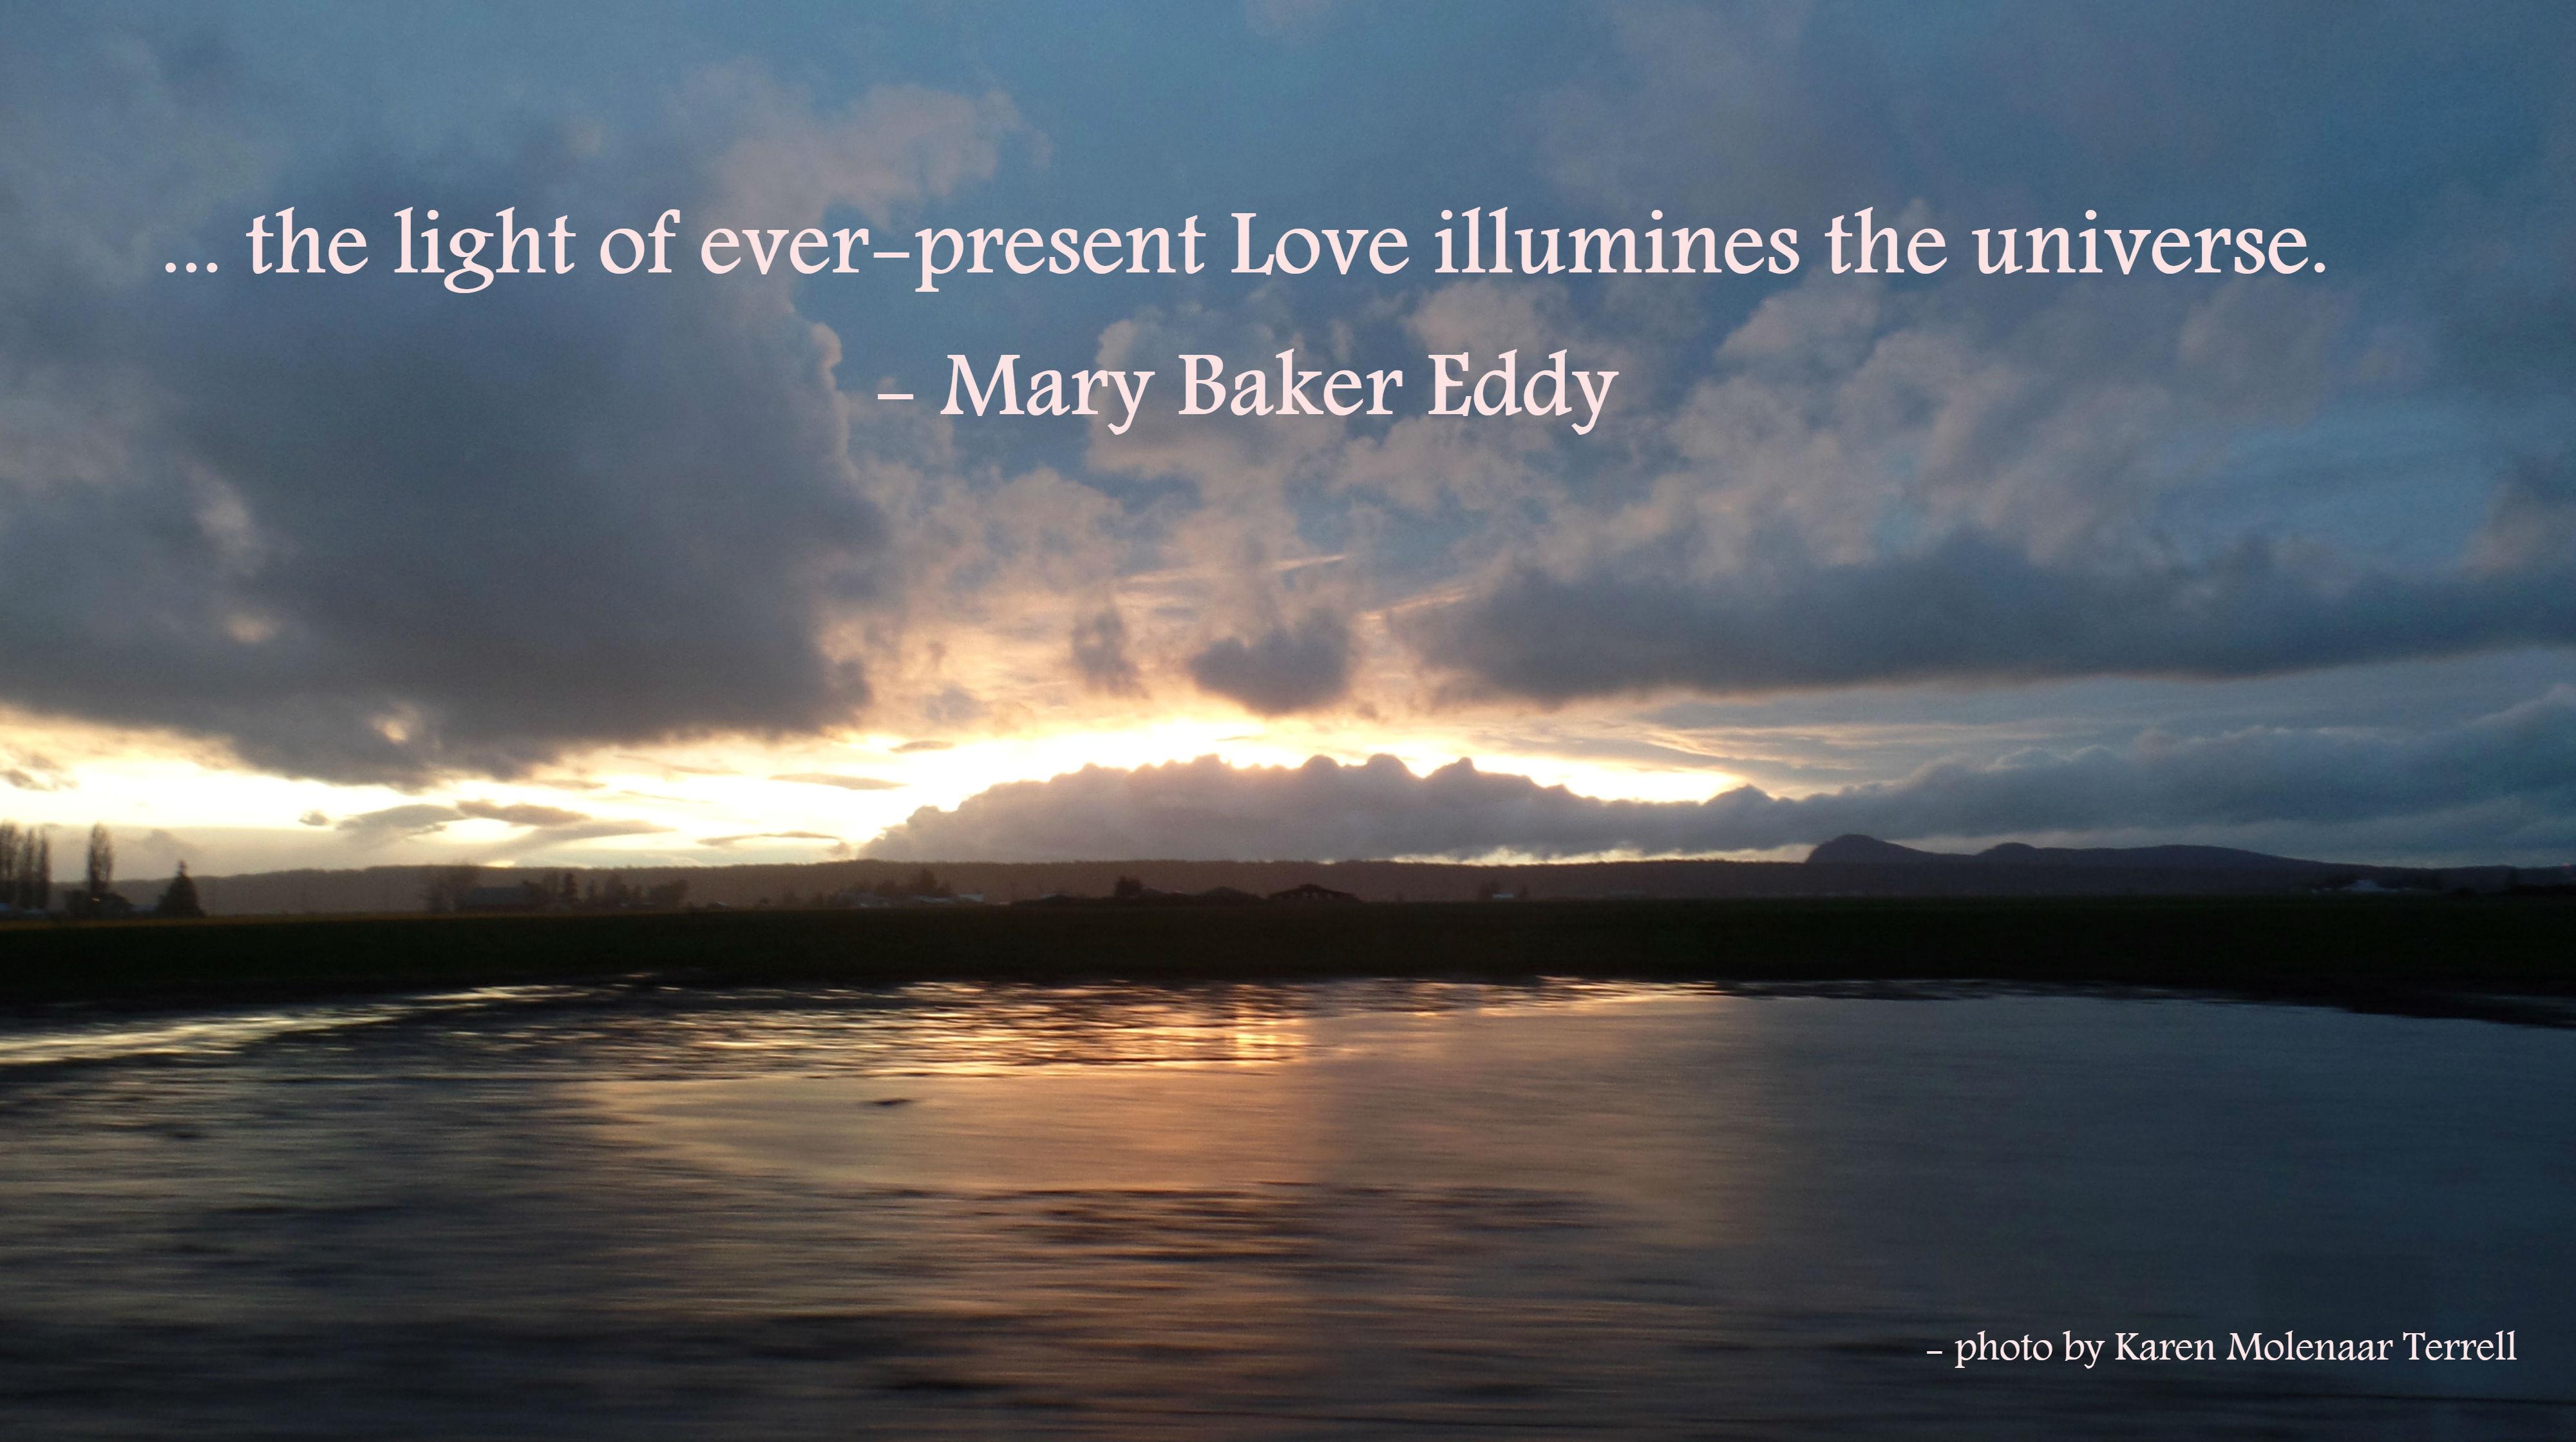 illumines the universe